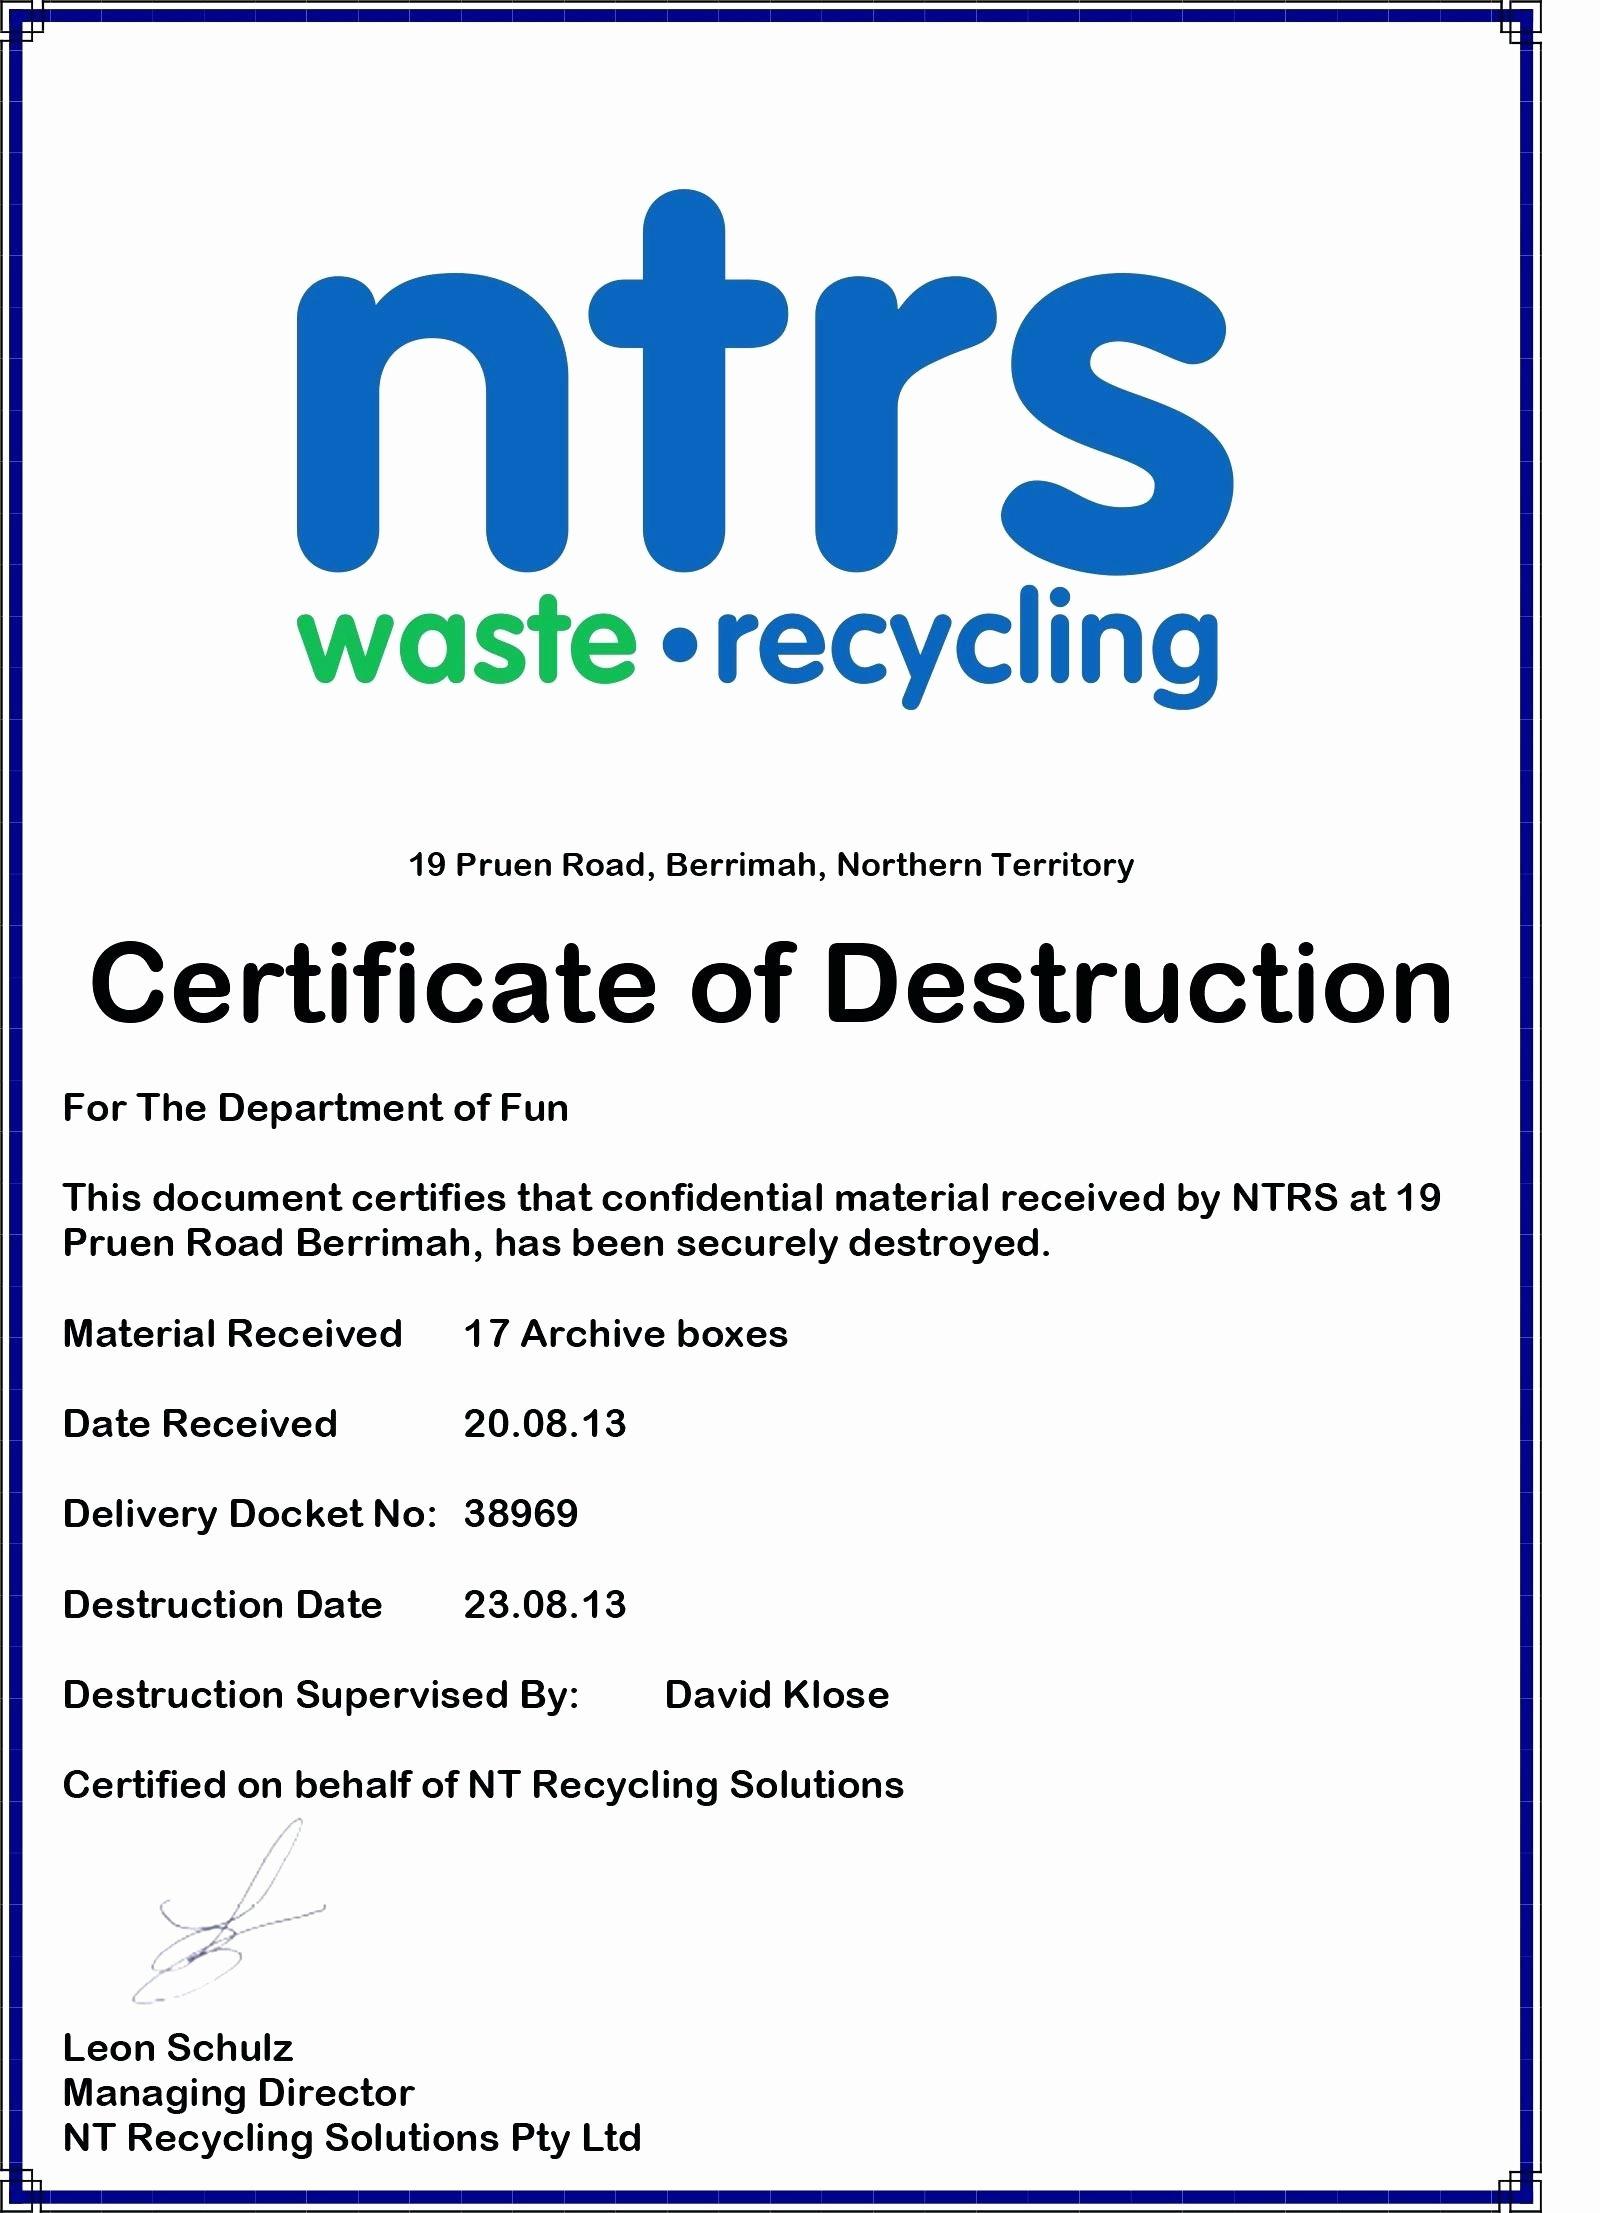 Certificate Of Destruction Template Inspirational Hard Drive Certificate Destruction Template Certificate